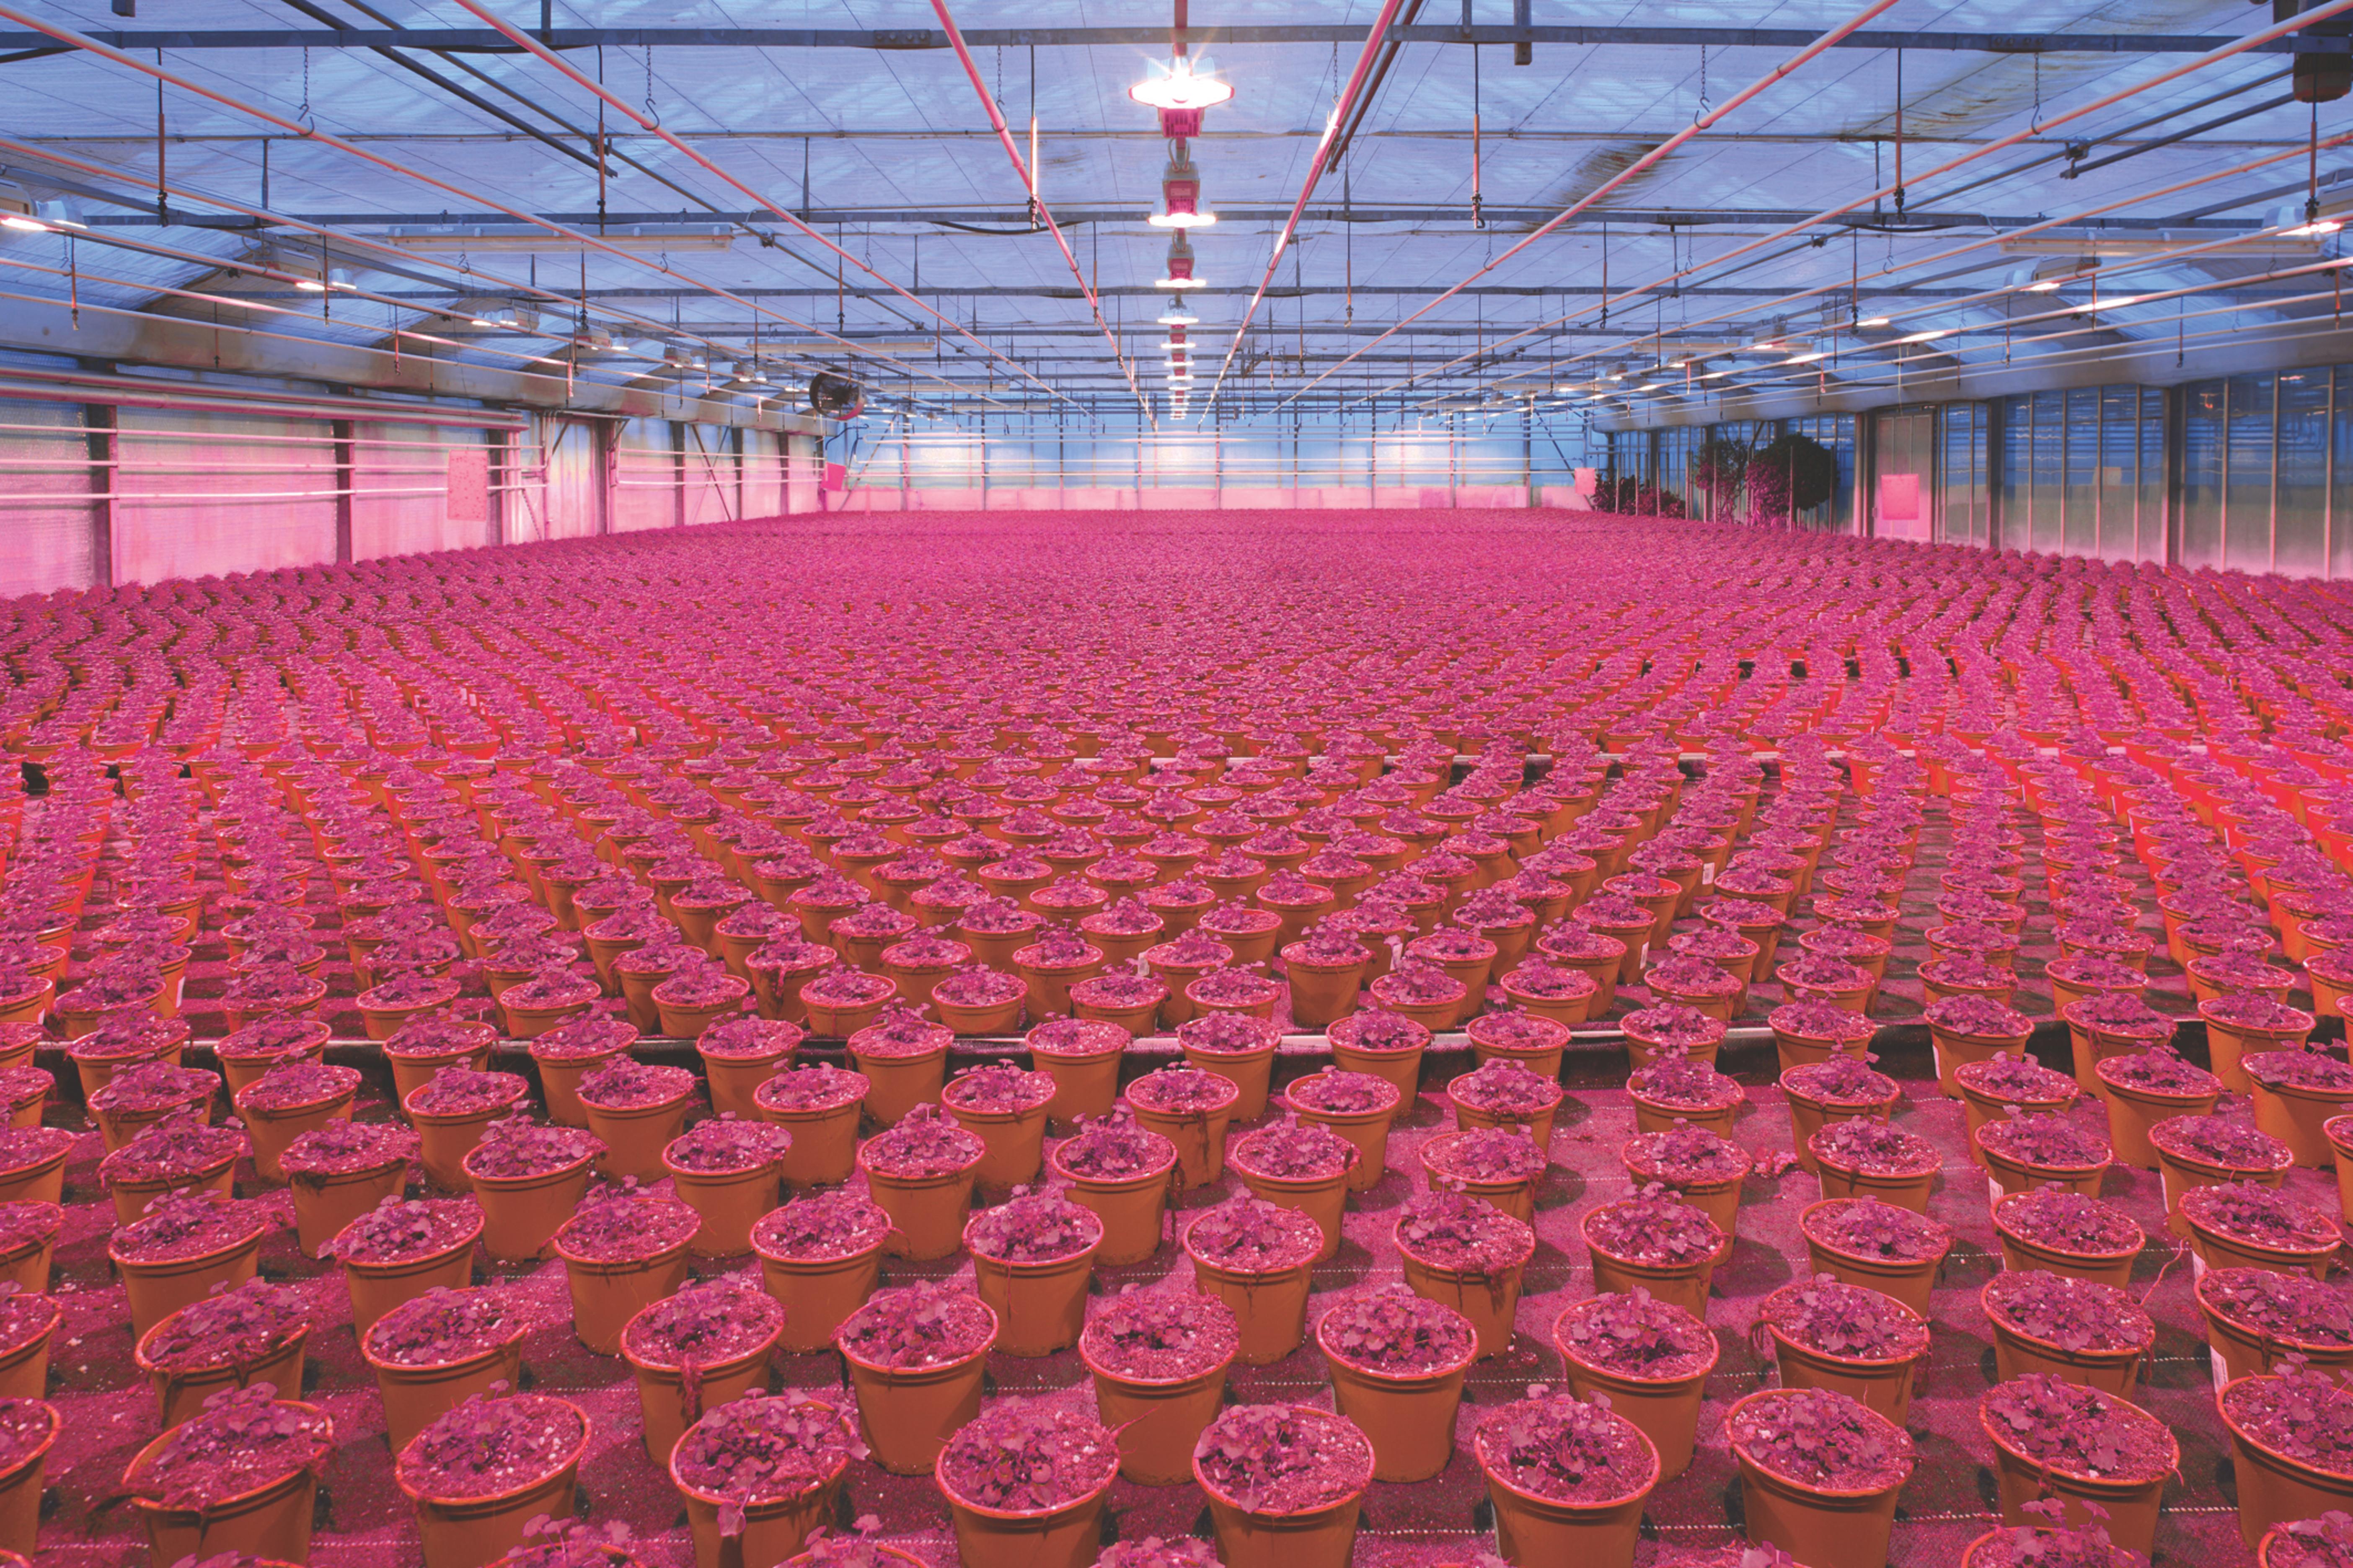 Hohes Energiesparpotenzial durch LED-Einsatz